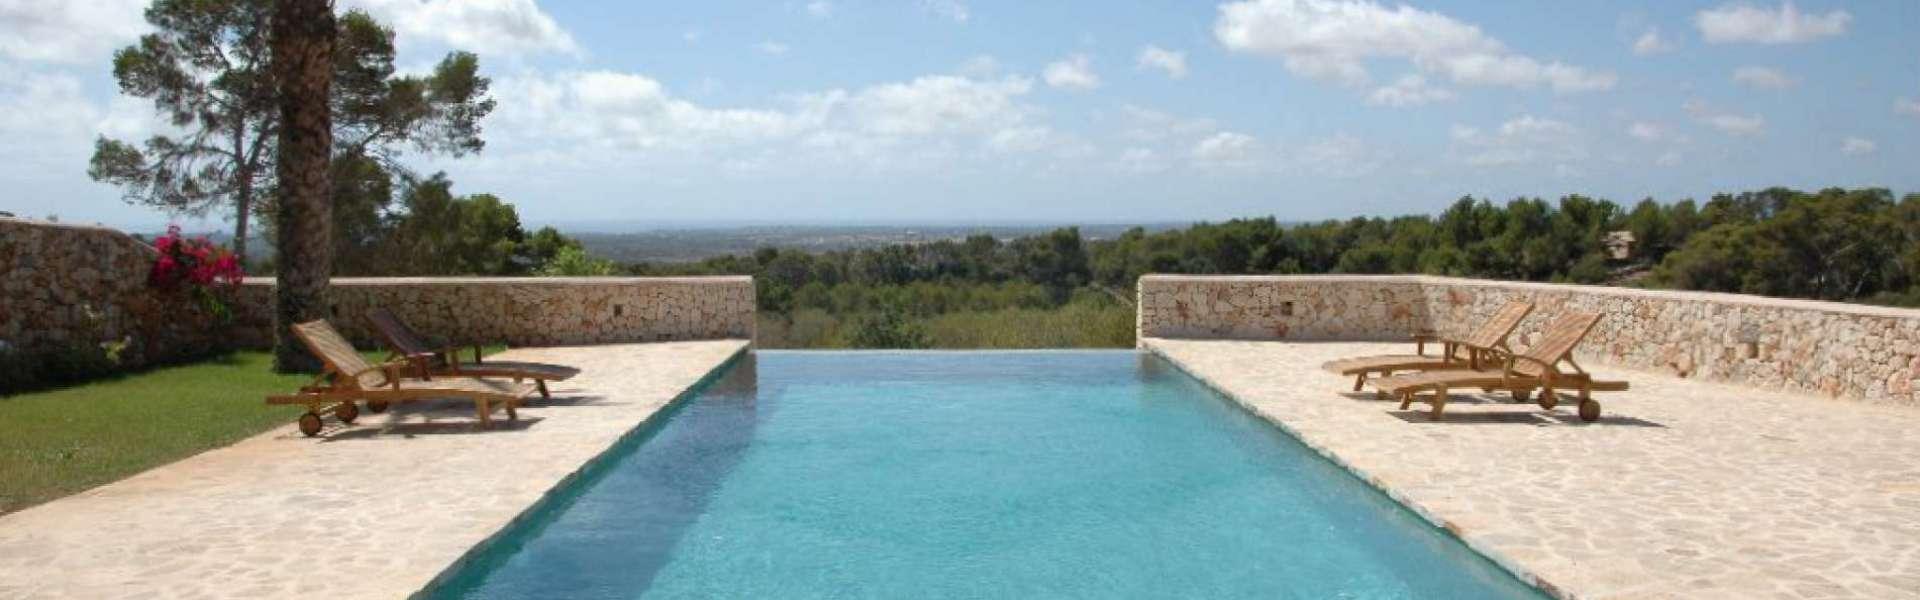 Santanyi - Finca Traum mit Panorama-Meerblick